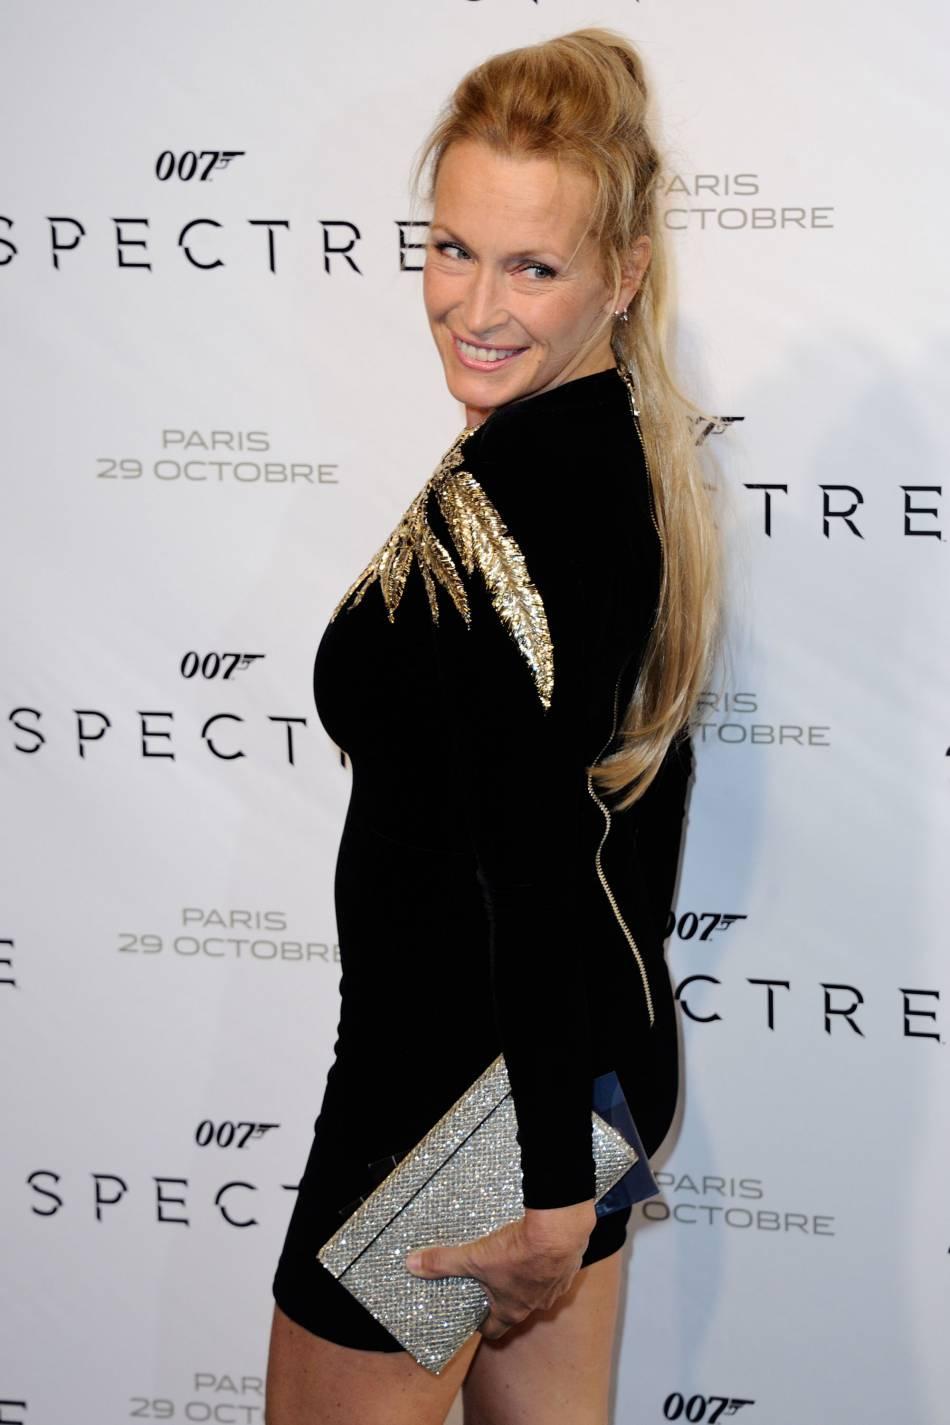 Comme maman, alias Estelle Lefébure, Ilona Smet joue aussi parfois les mannequins.